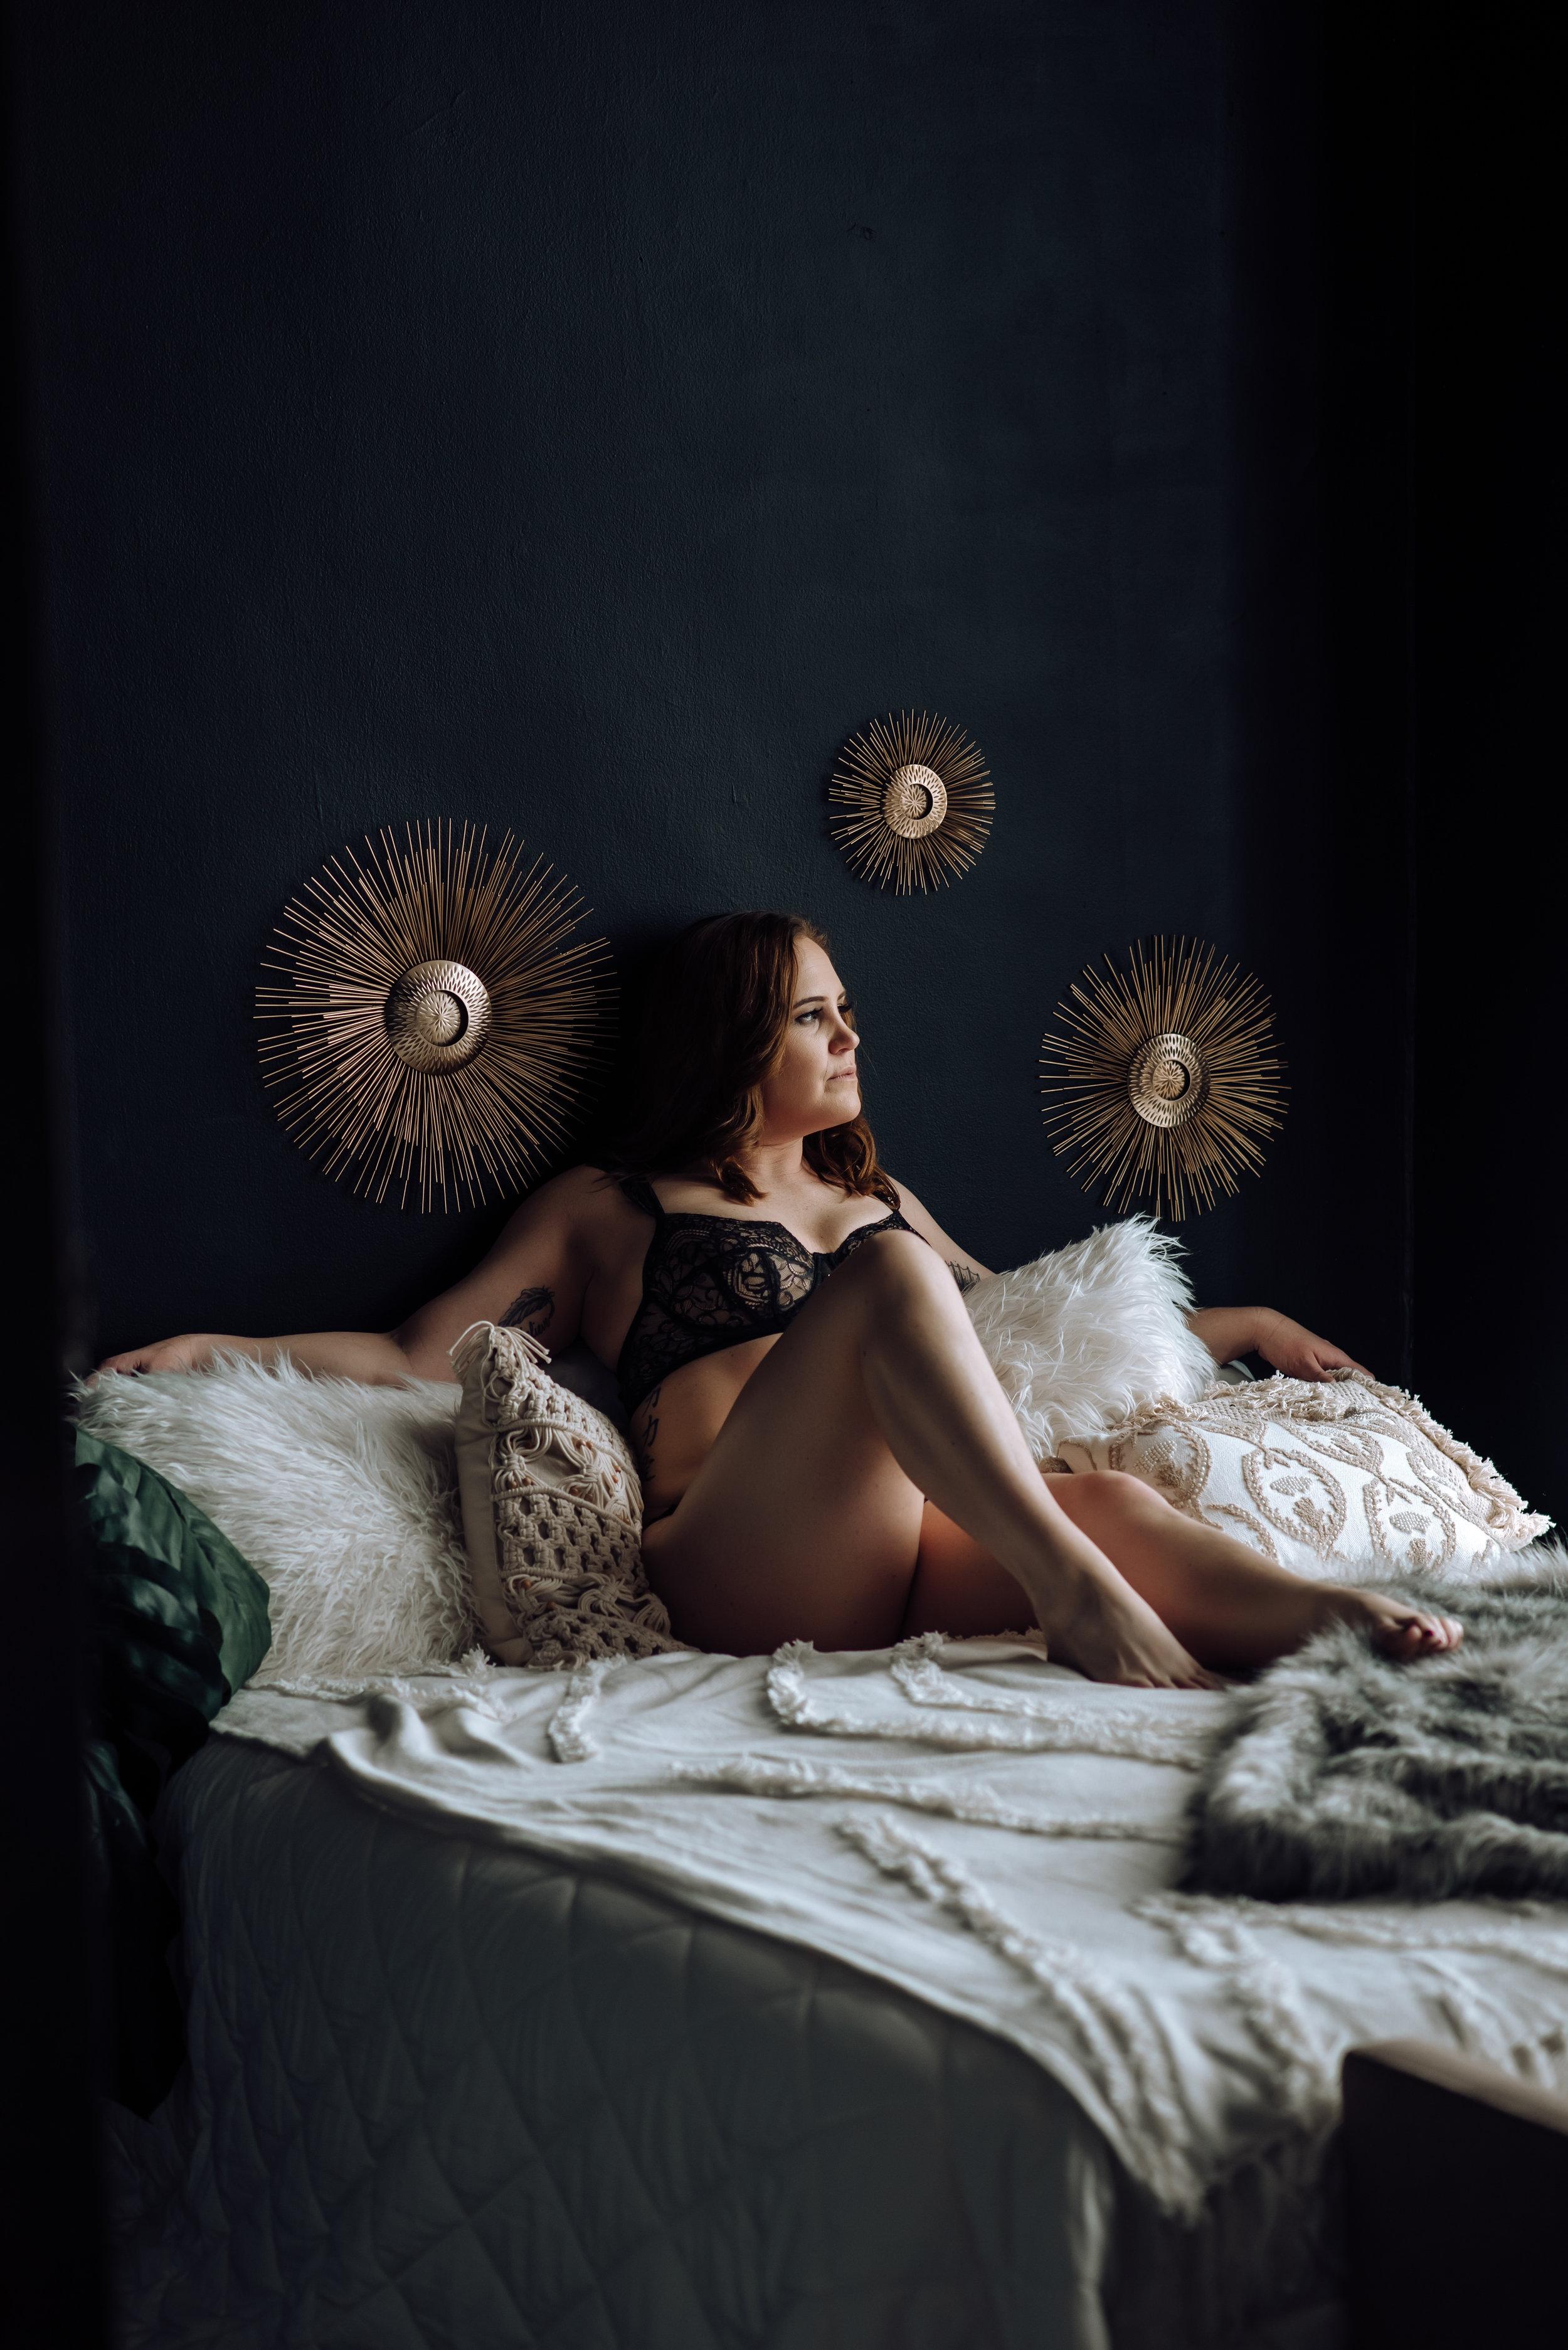 boudoir photography-5.jpg